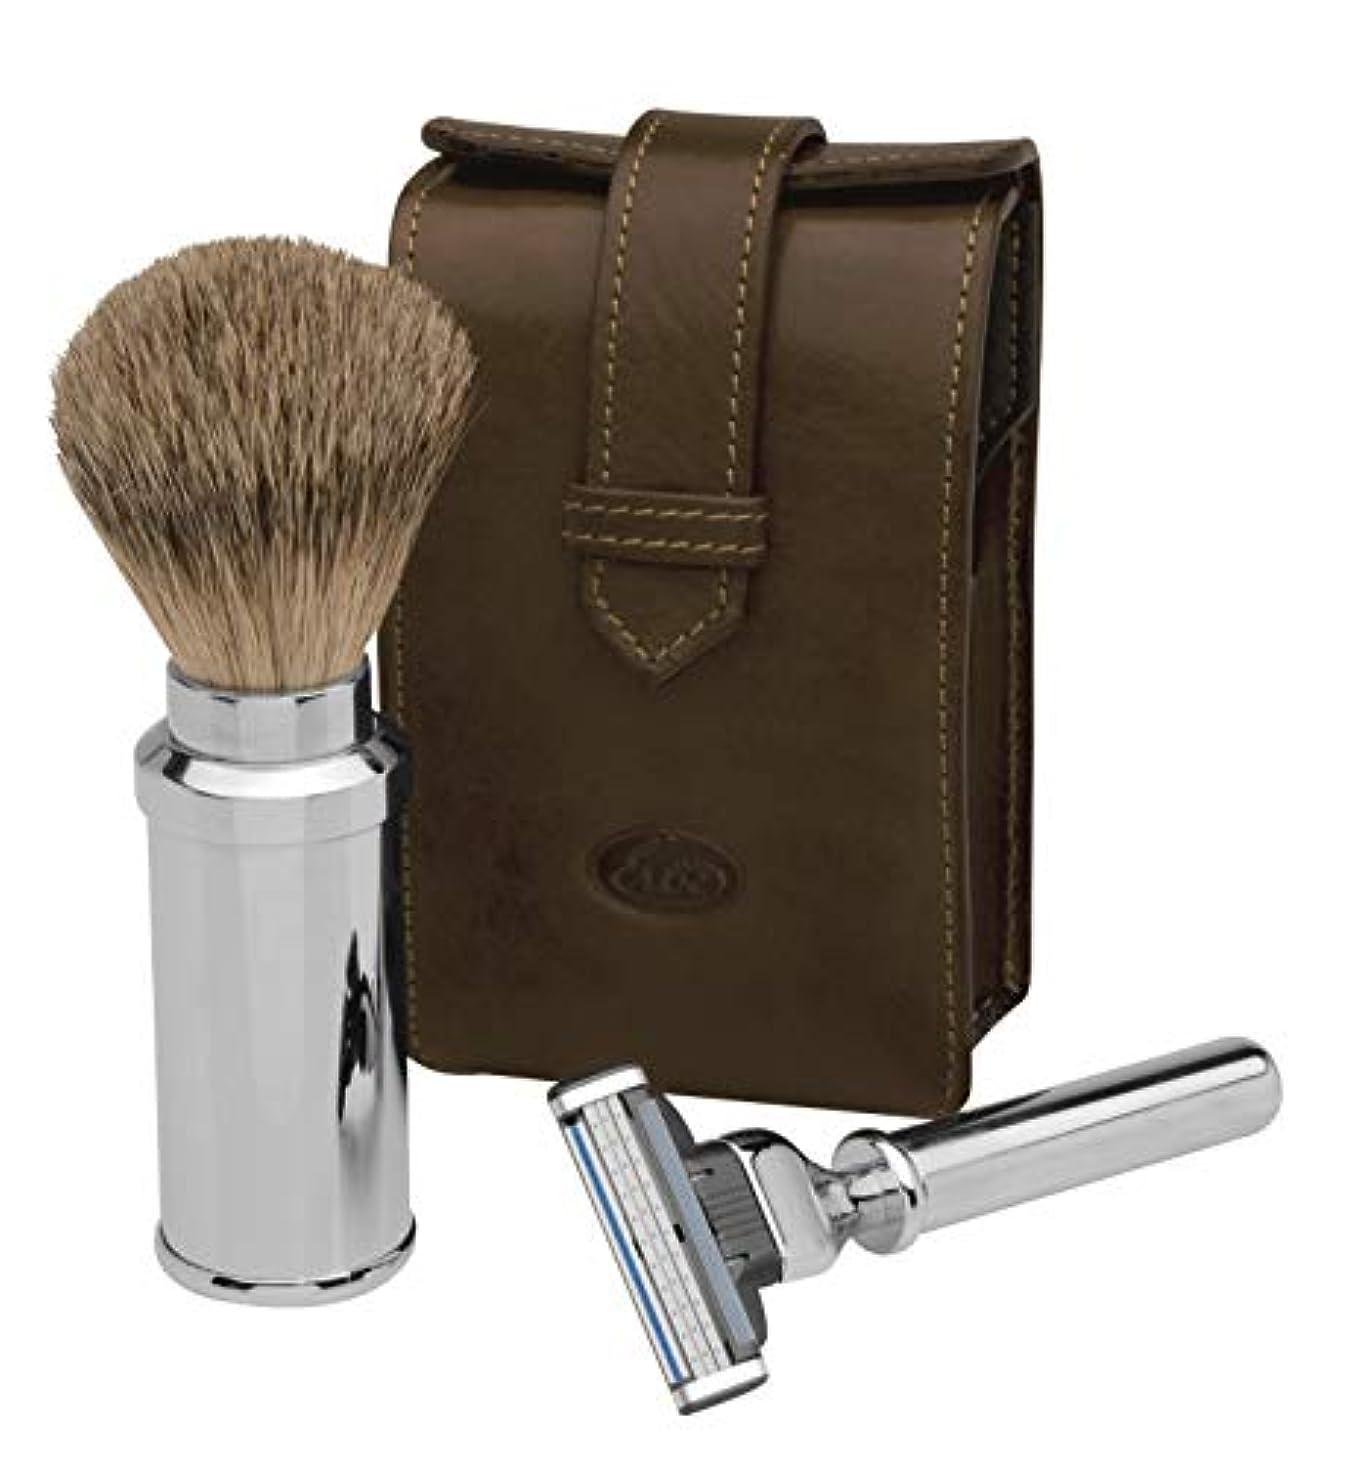 シソーラスボーナス大Erbe Travel Shaving Set, Razor and Shaving Brush in brown Leather Pocket